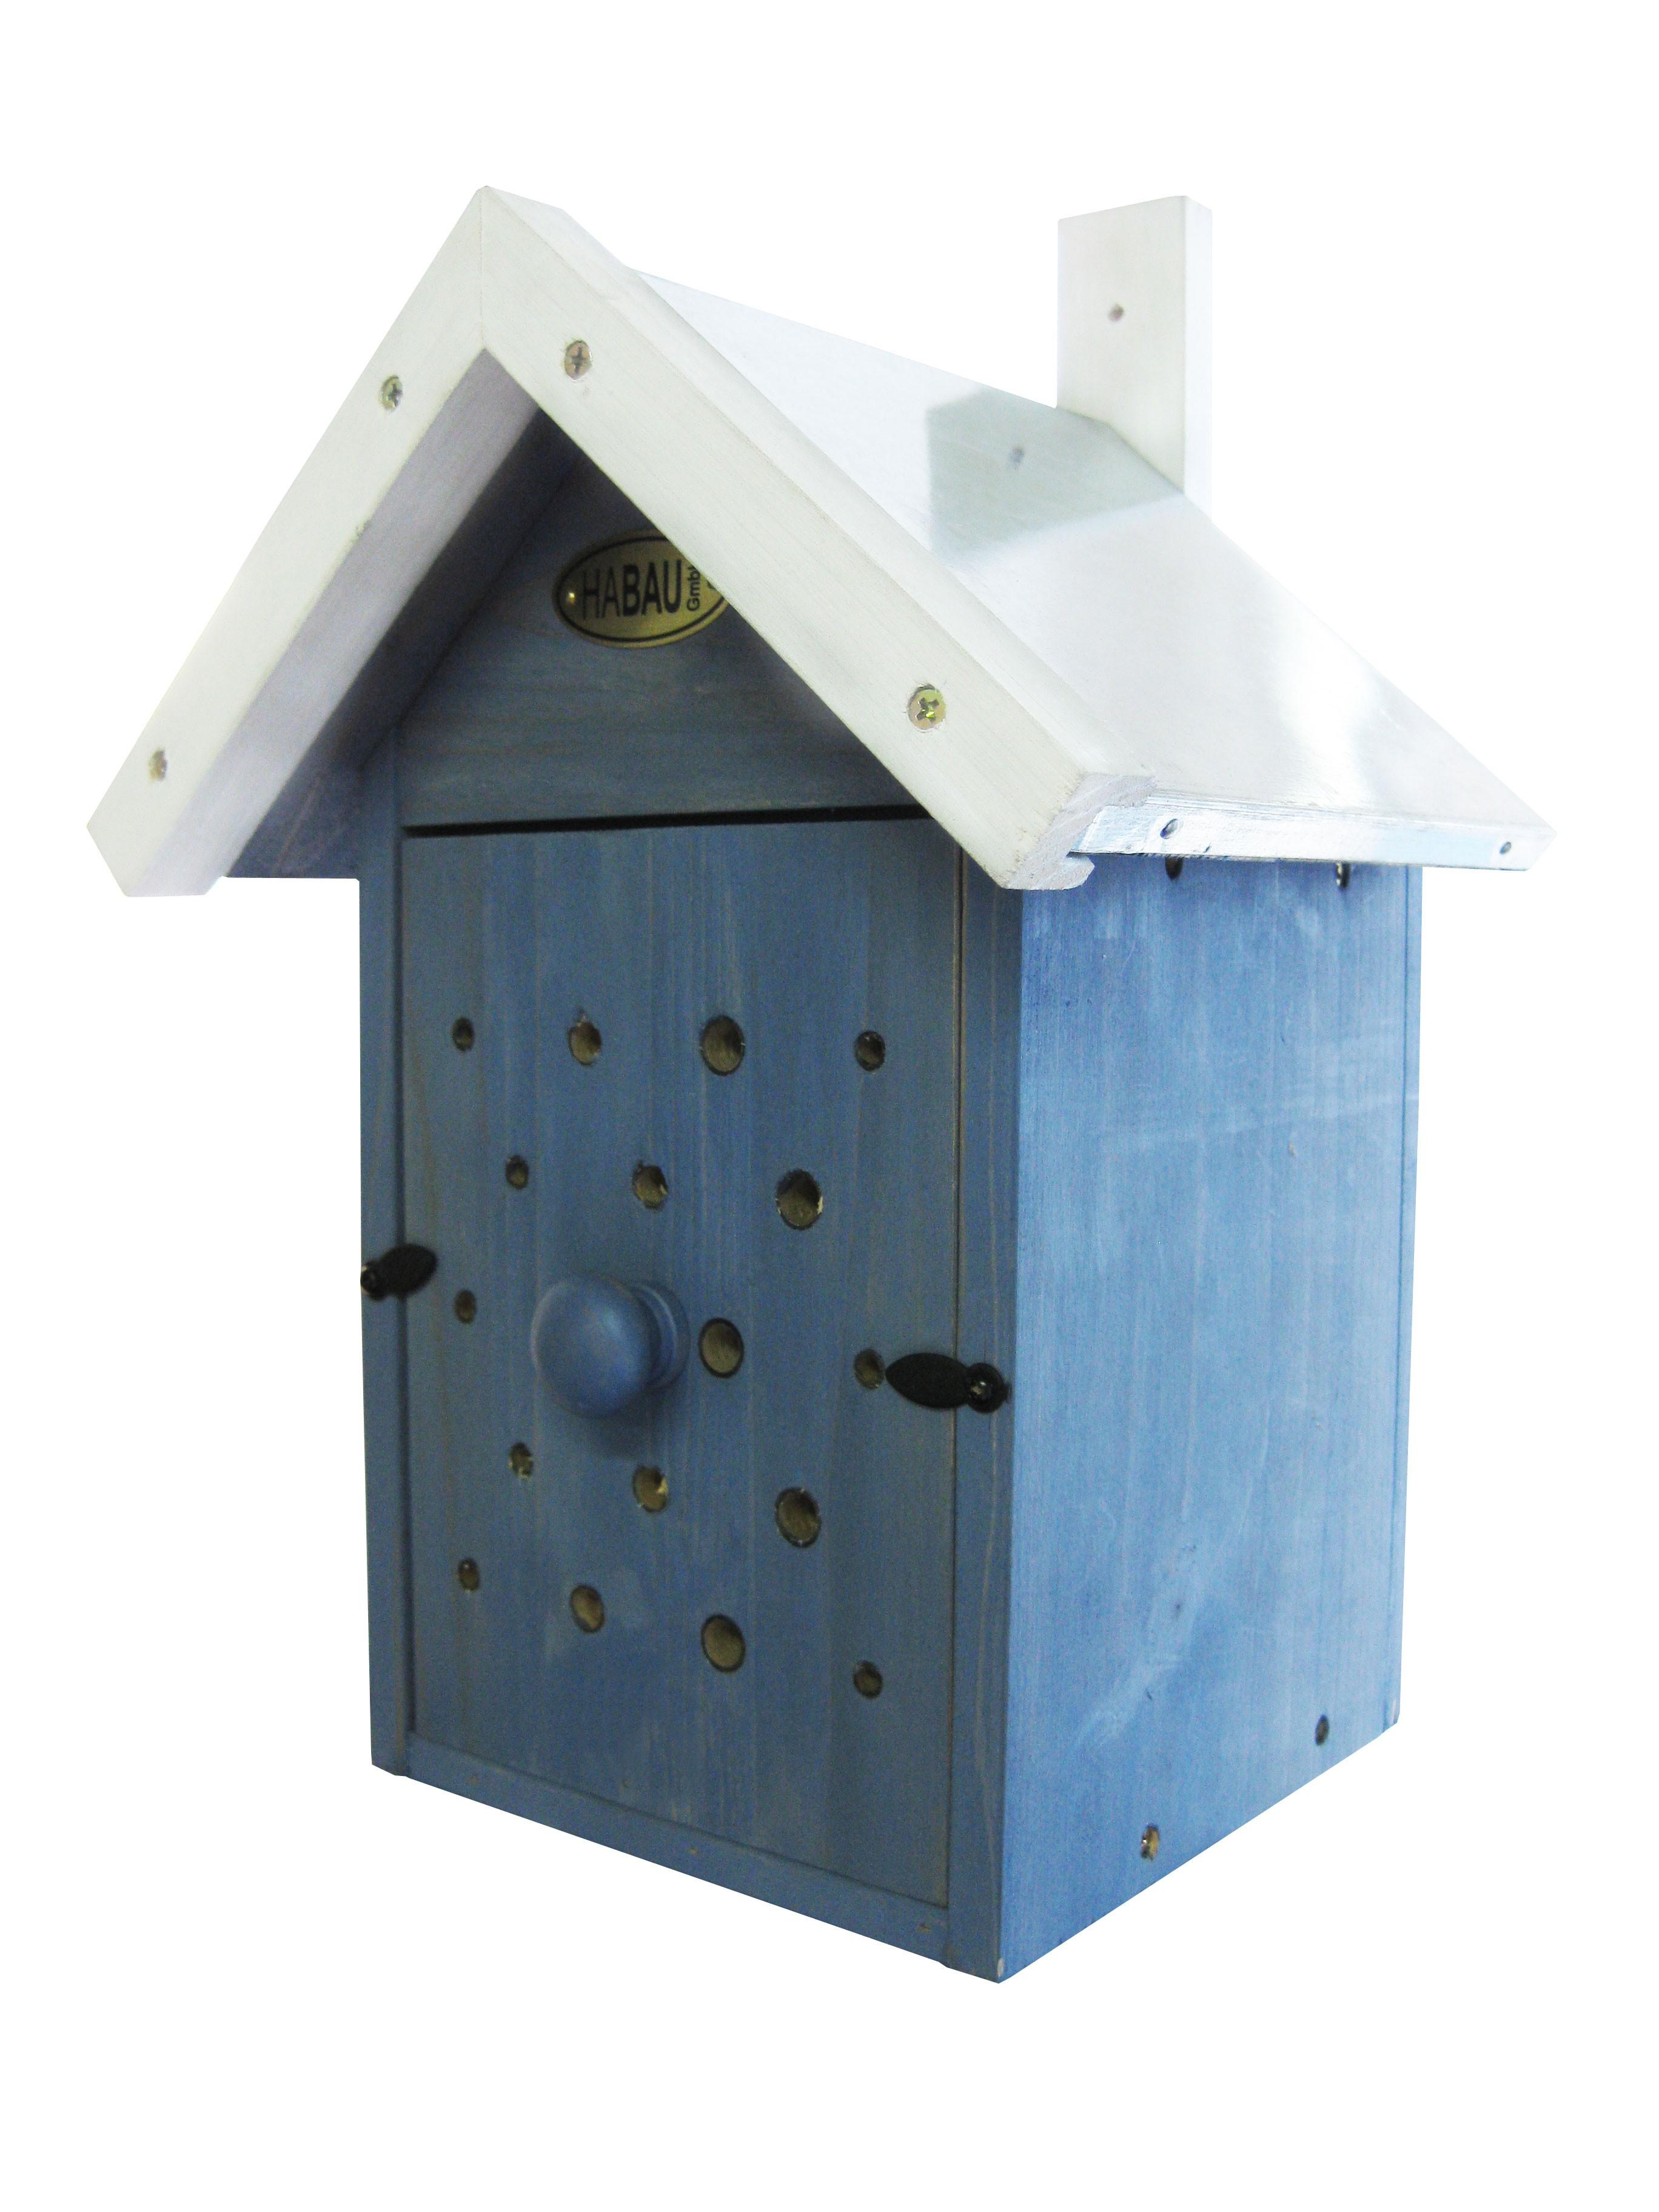 Bienen Beobachtungskasten Habau 21,5x20,5x37,5cm Bild 1